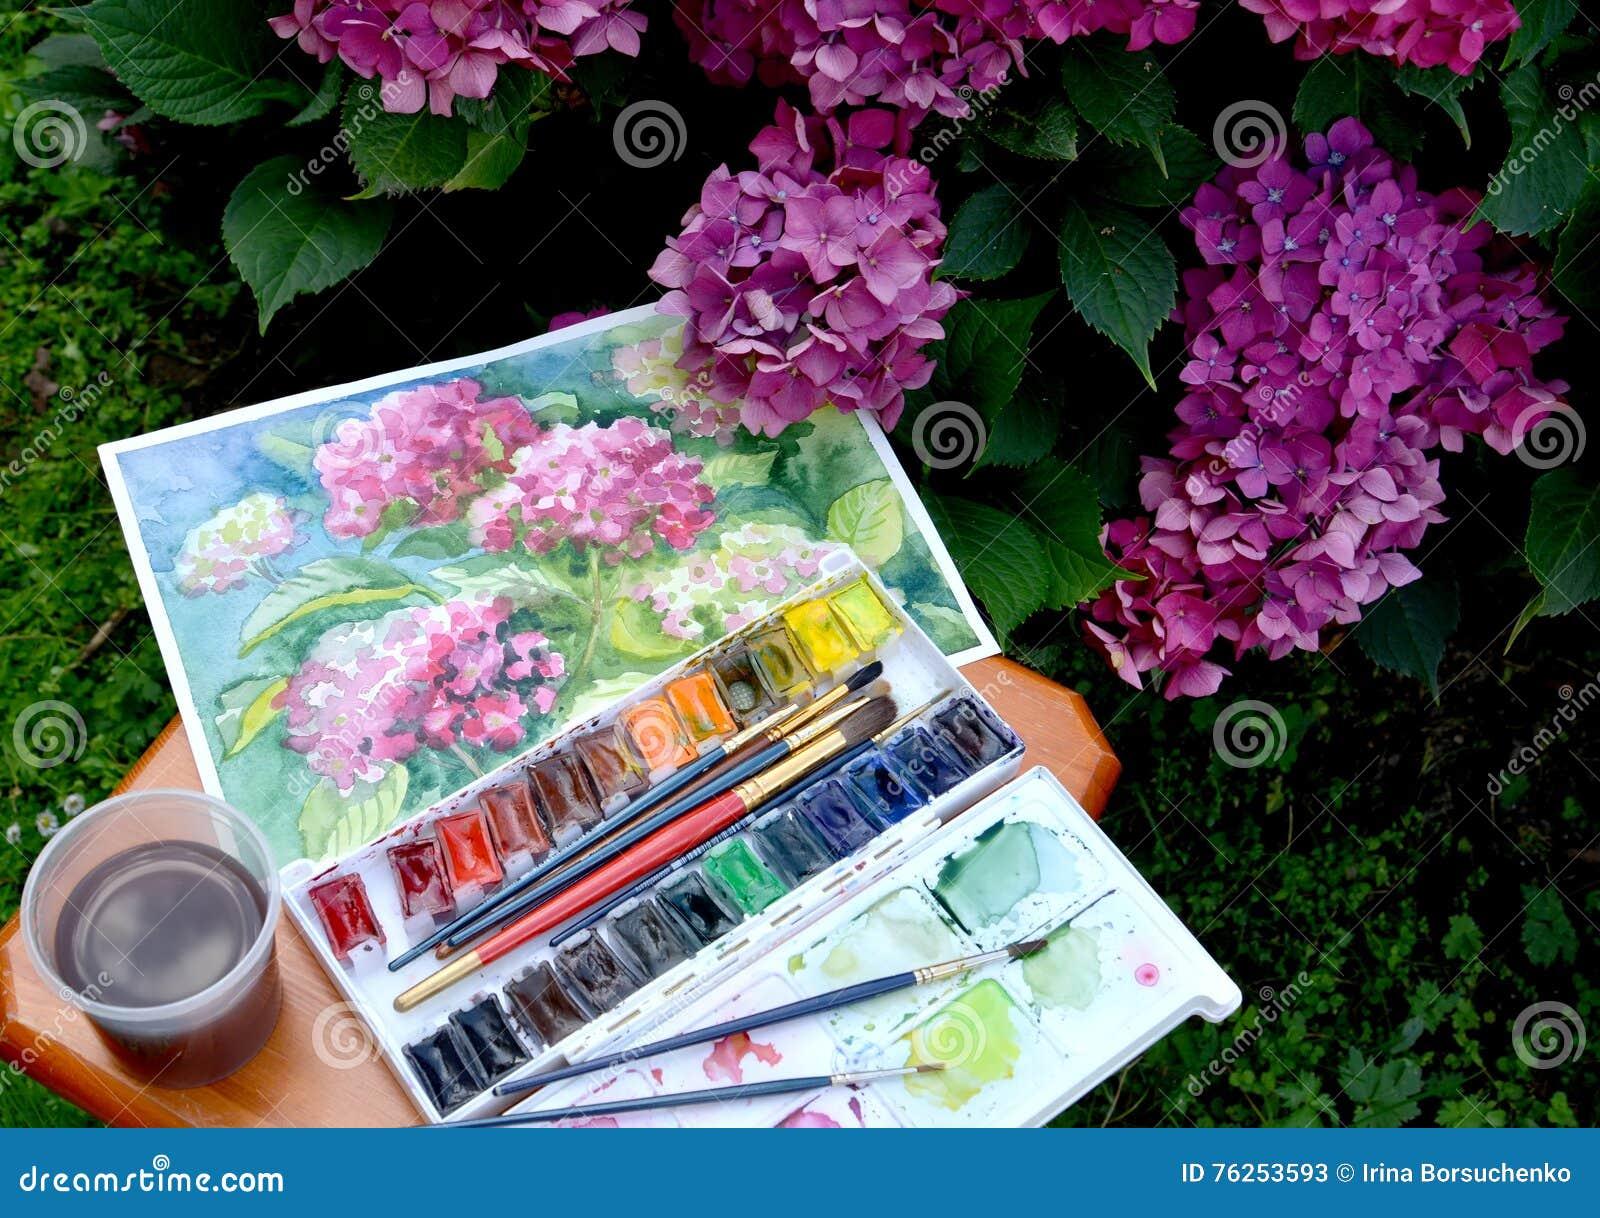 Las Hortensias Del Dibujo Las Pinturas Del Color De Agua Y Las - Color-de-las-hortensias